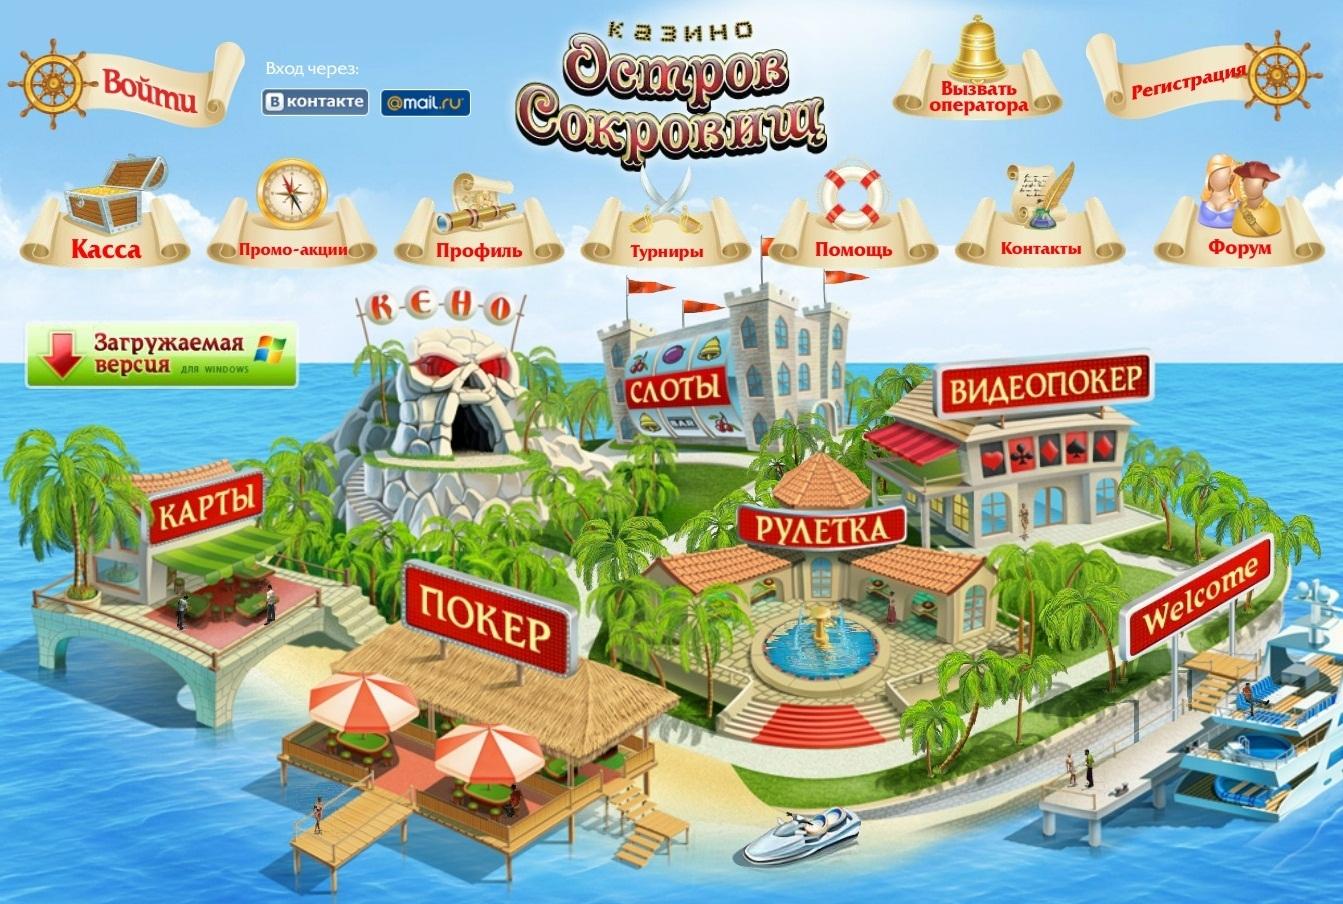 казино остров сокровищ онлайн играть